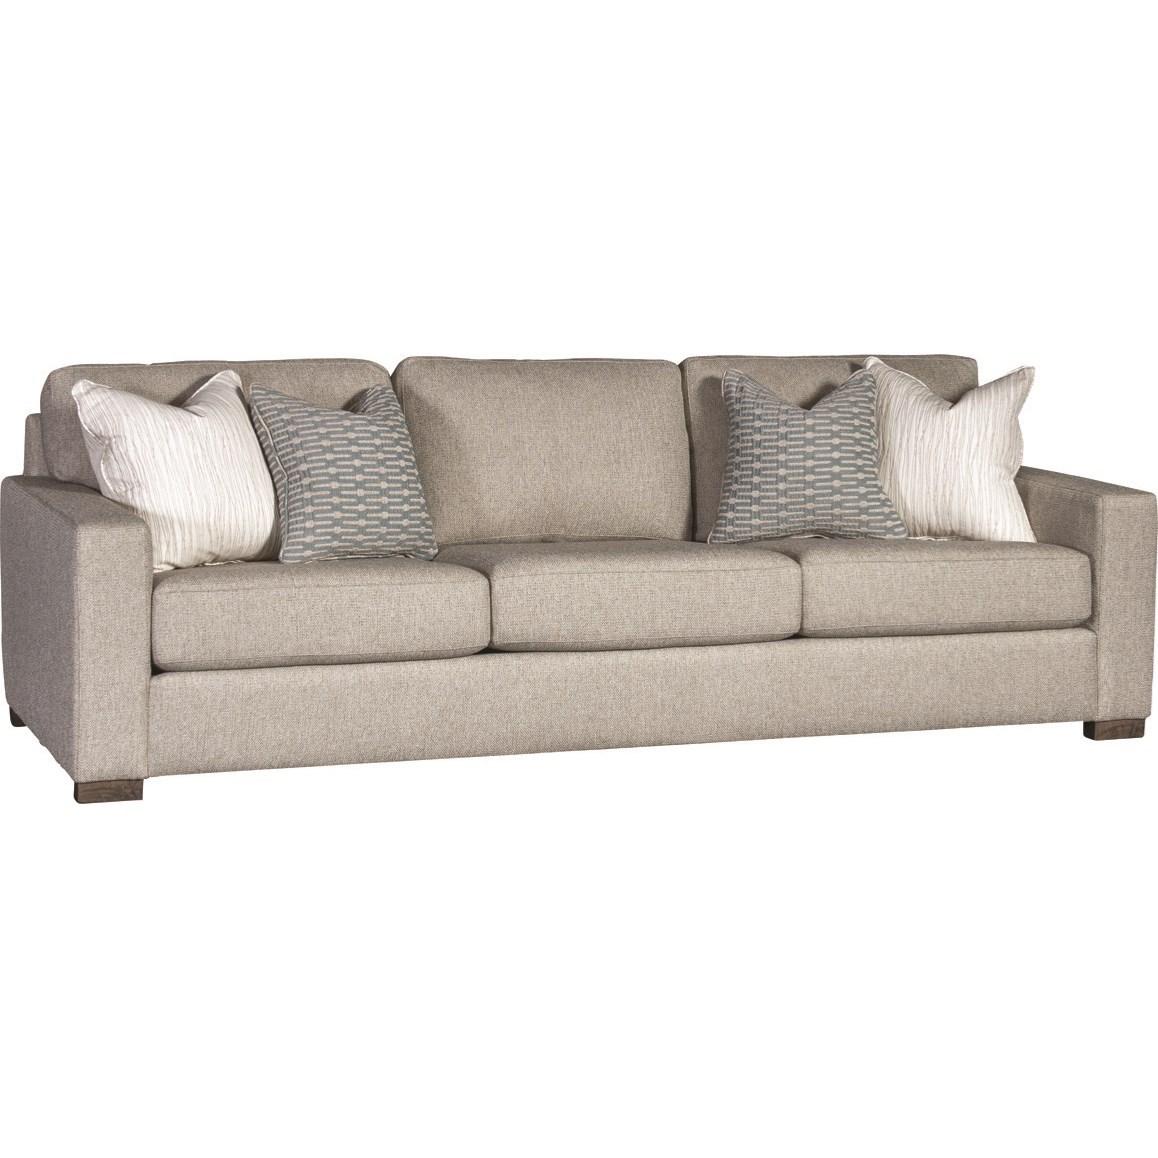 7101 Sofa by Mayo at Pedigo Furniture